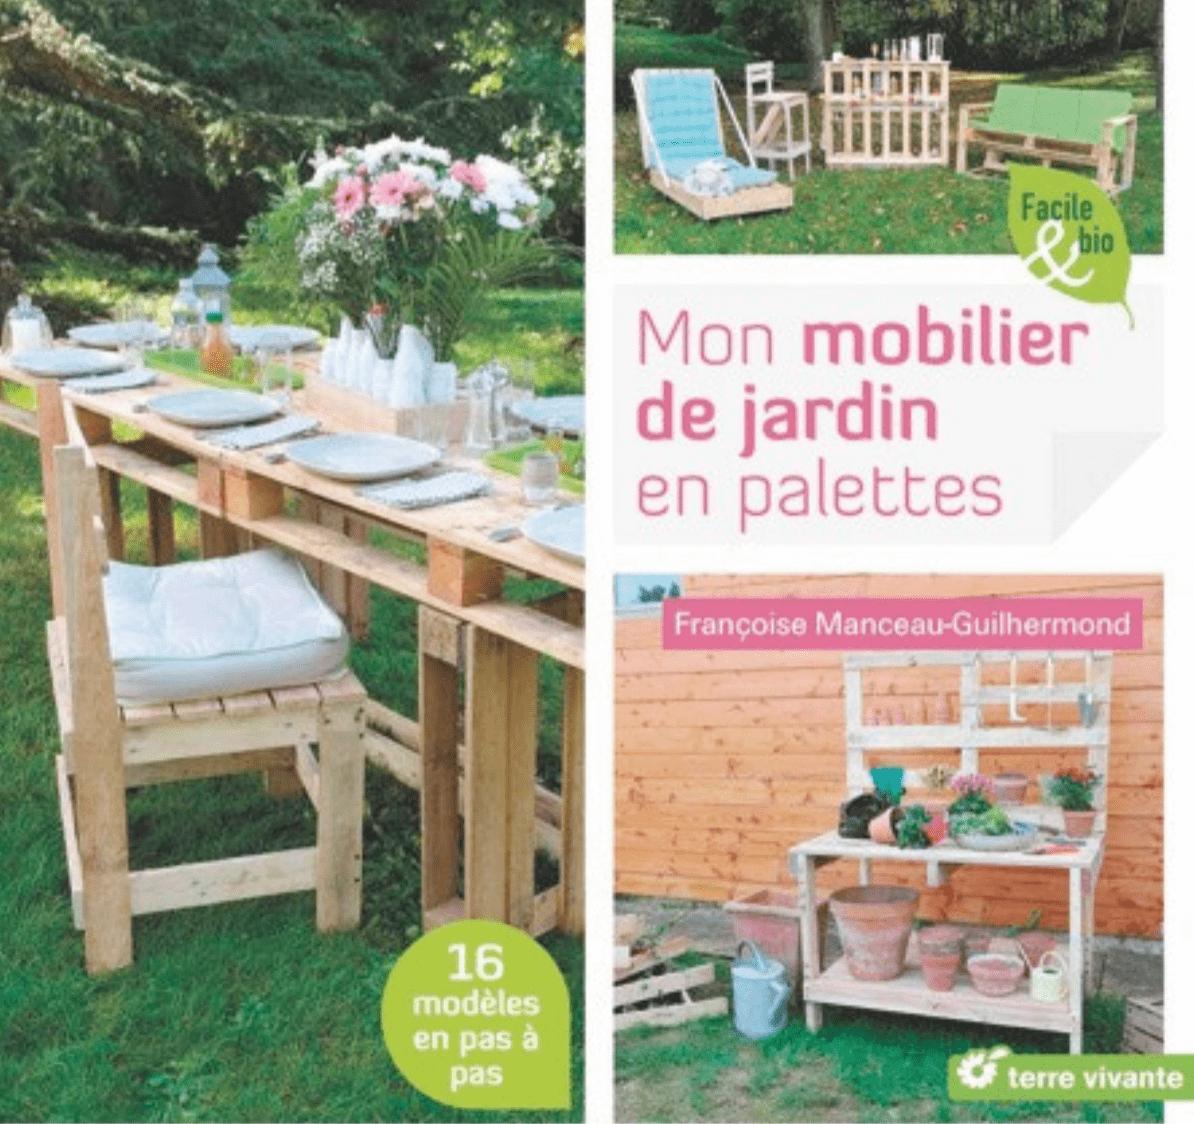 Palettes : Elles Se Recyclent En Meubles ! - Green Logistique encequiconcerne Mon Mobilier De Jardin